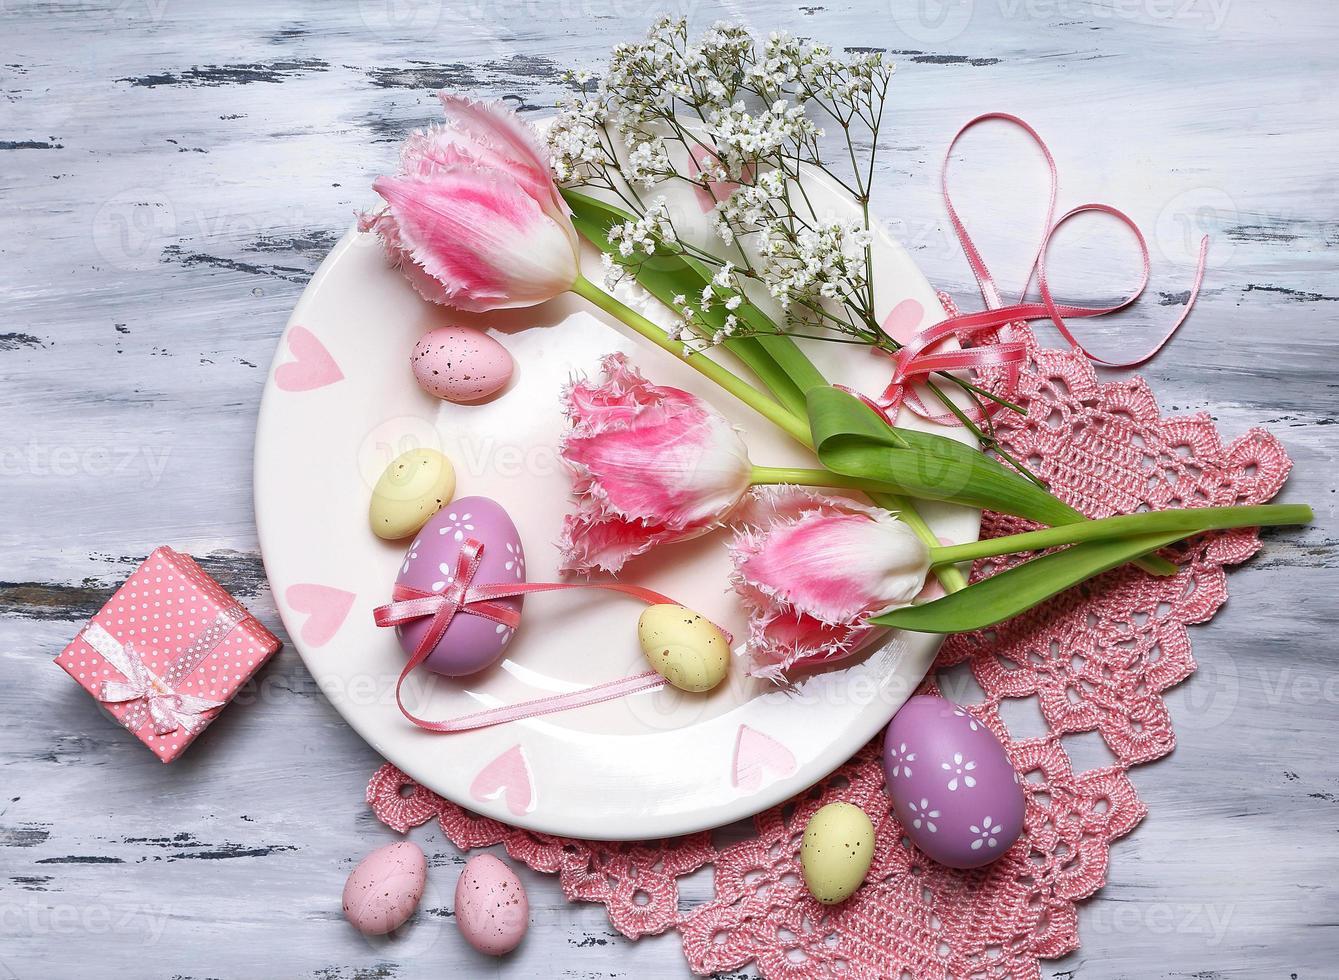 cenário de mesa de Páscoa com tulipas e ovos foto